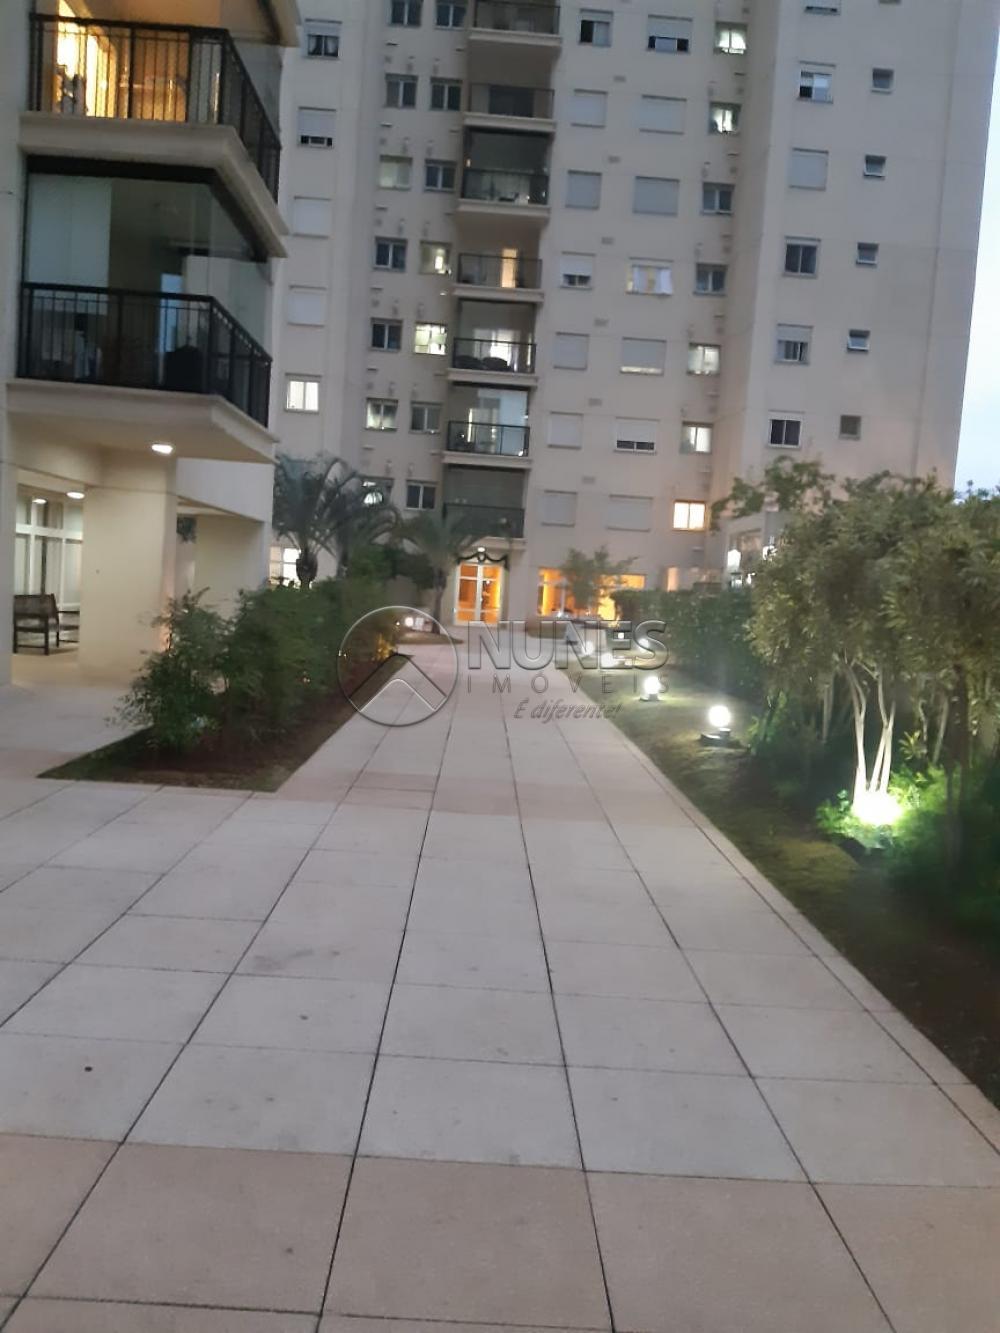 Comprar Apartamento / Padrão em Barueri apenas R$ 530.000,00 - Foto 24